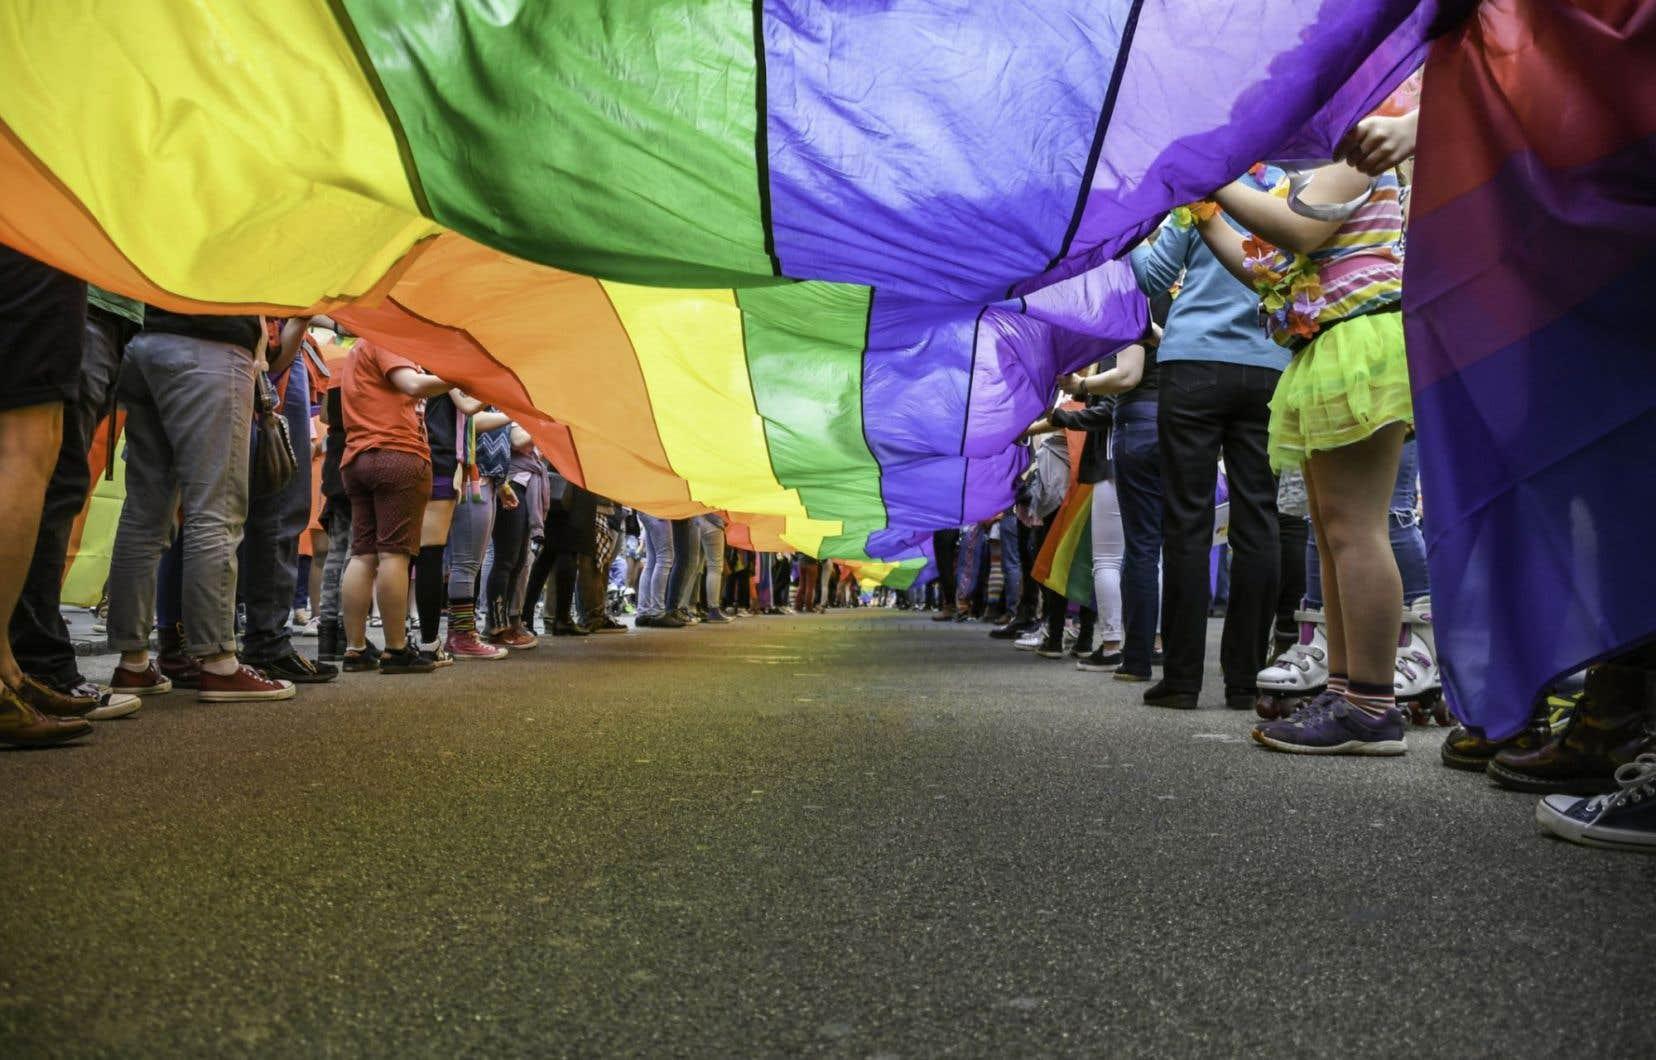 Deux importantes associations de défense des droits LGBT aux États-Unis dénoncent une dérive pouvant mener à plus de discrimination envers les personnes gaies avec cette technologie de reconnaissance photo.